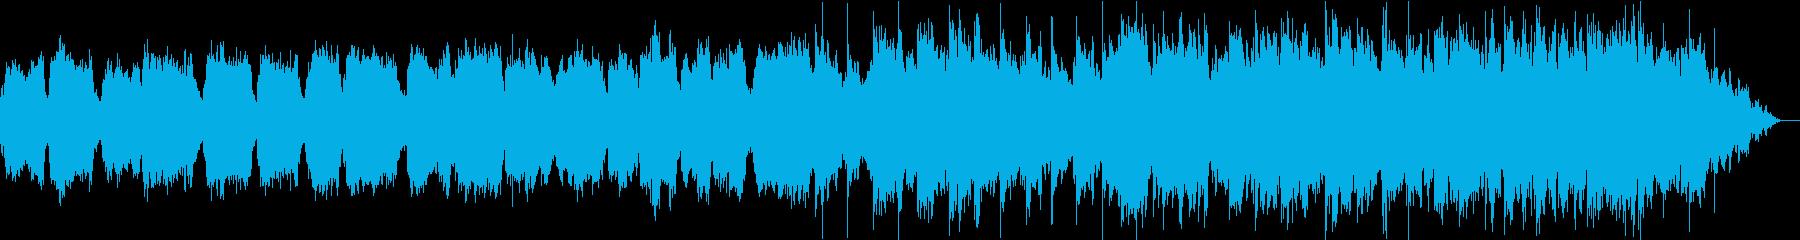 ひっそり静かな笛とシンセサイザーの再生済みの波形